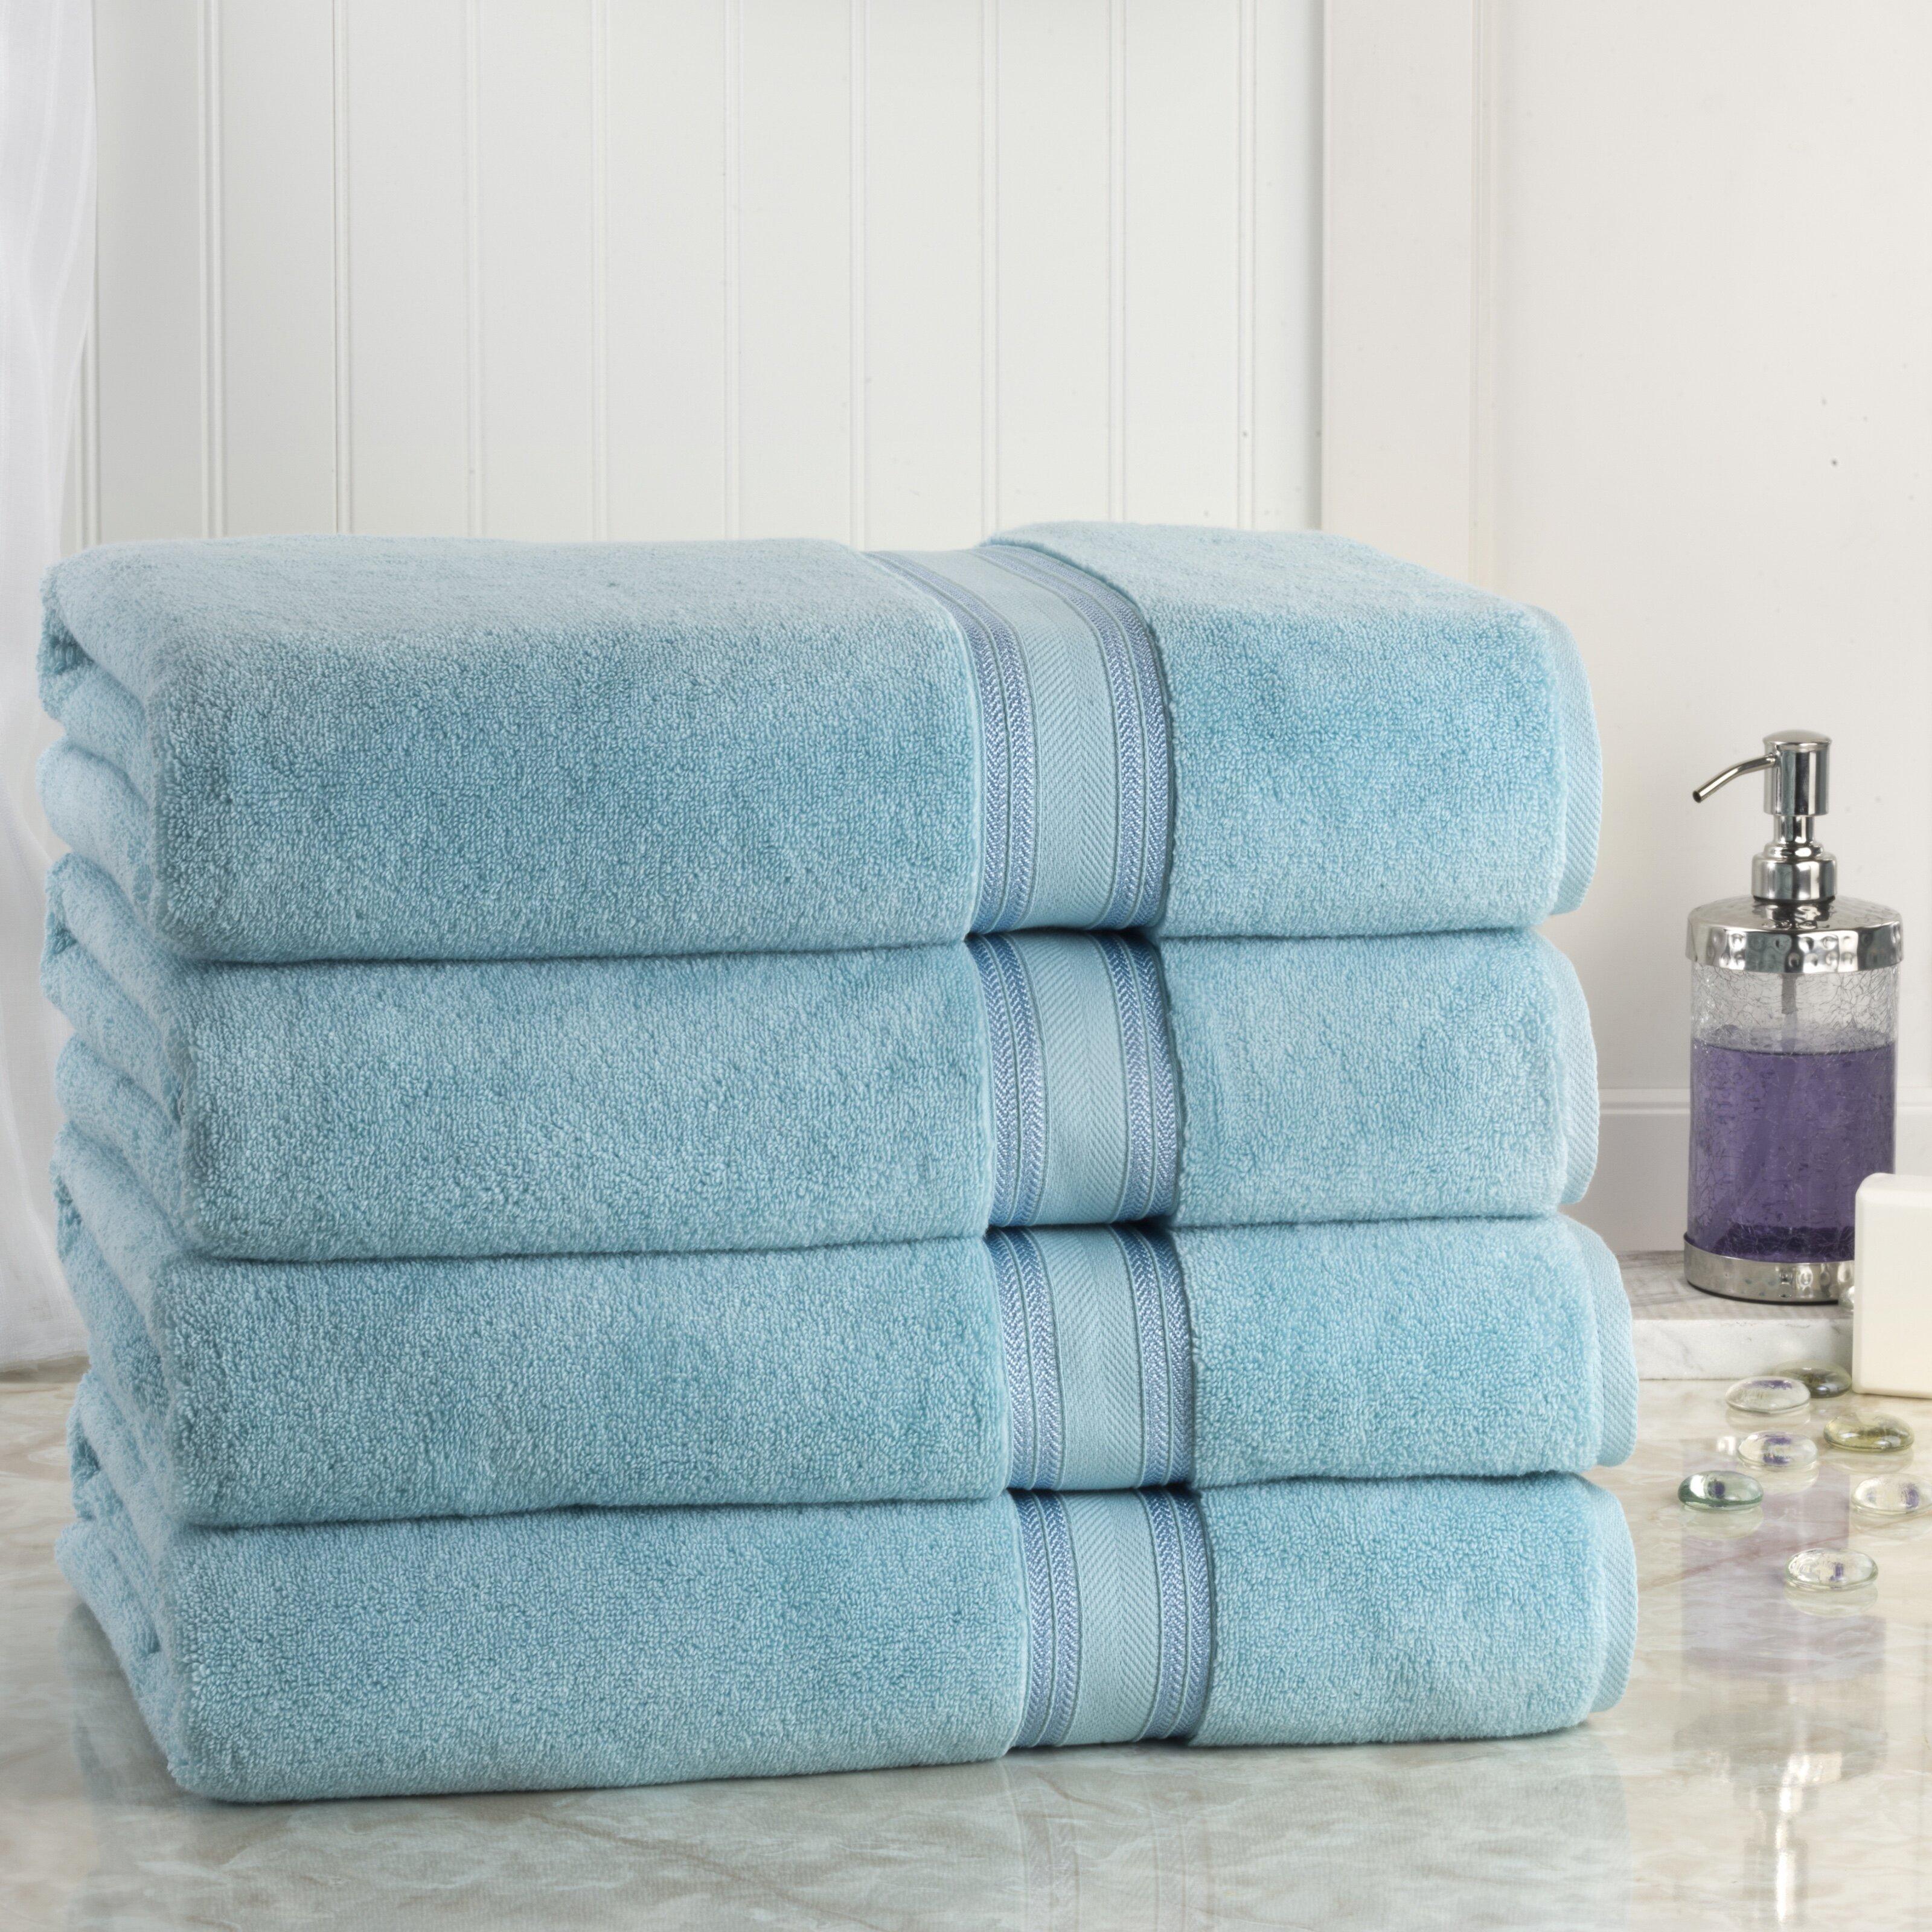 Luxe 100/% Coton Égyptien Pack de 2 Bath Sheet Set Serviettes Salle de Bain Super Doux